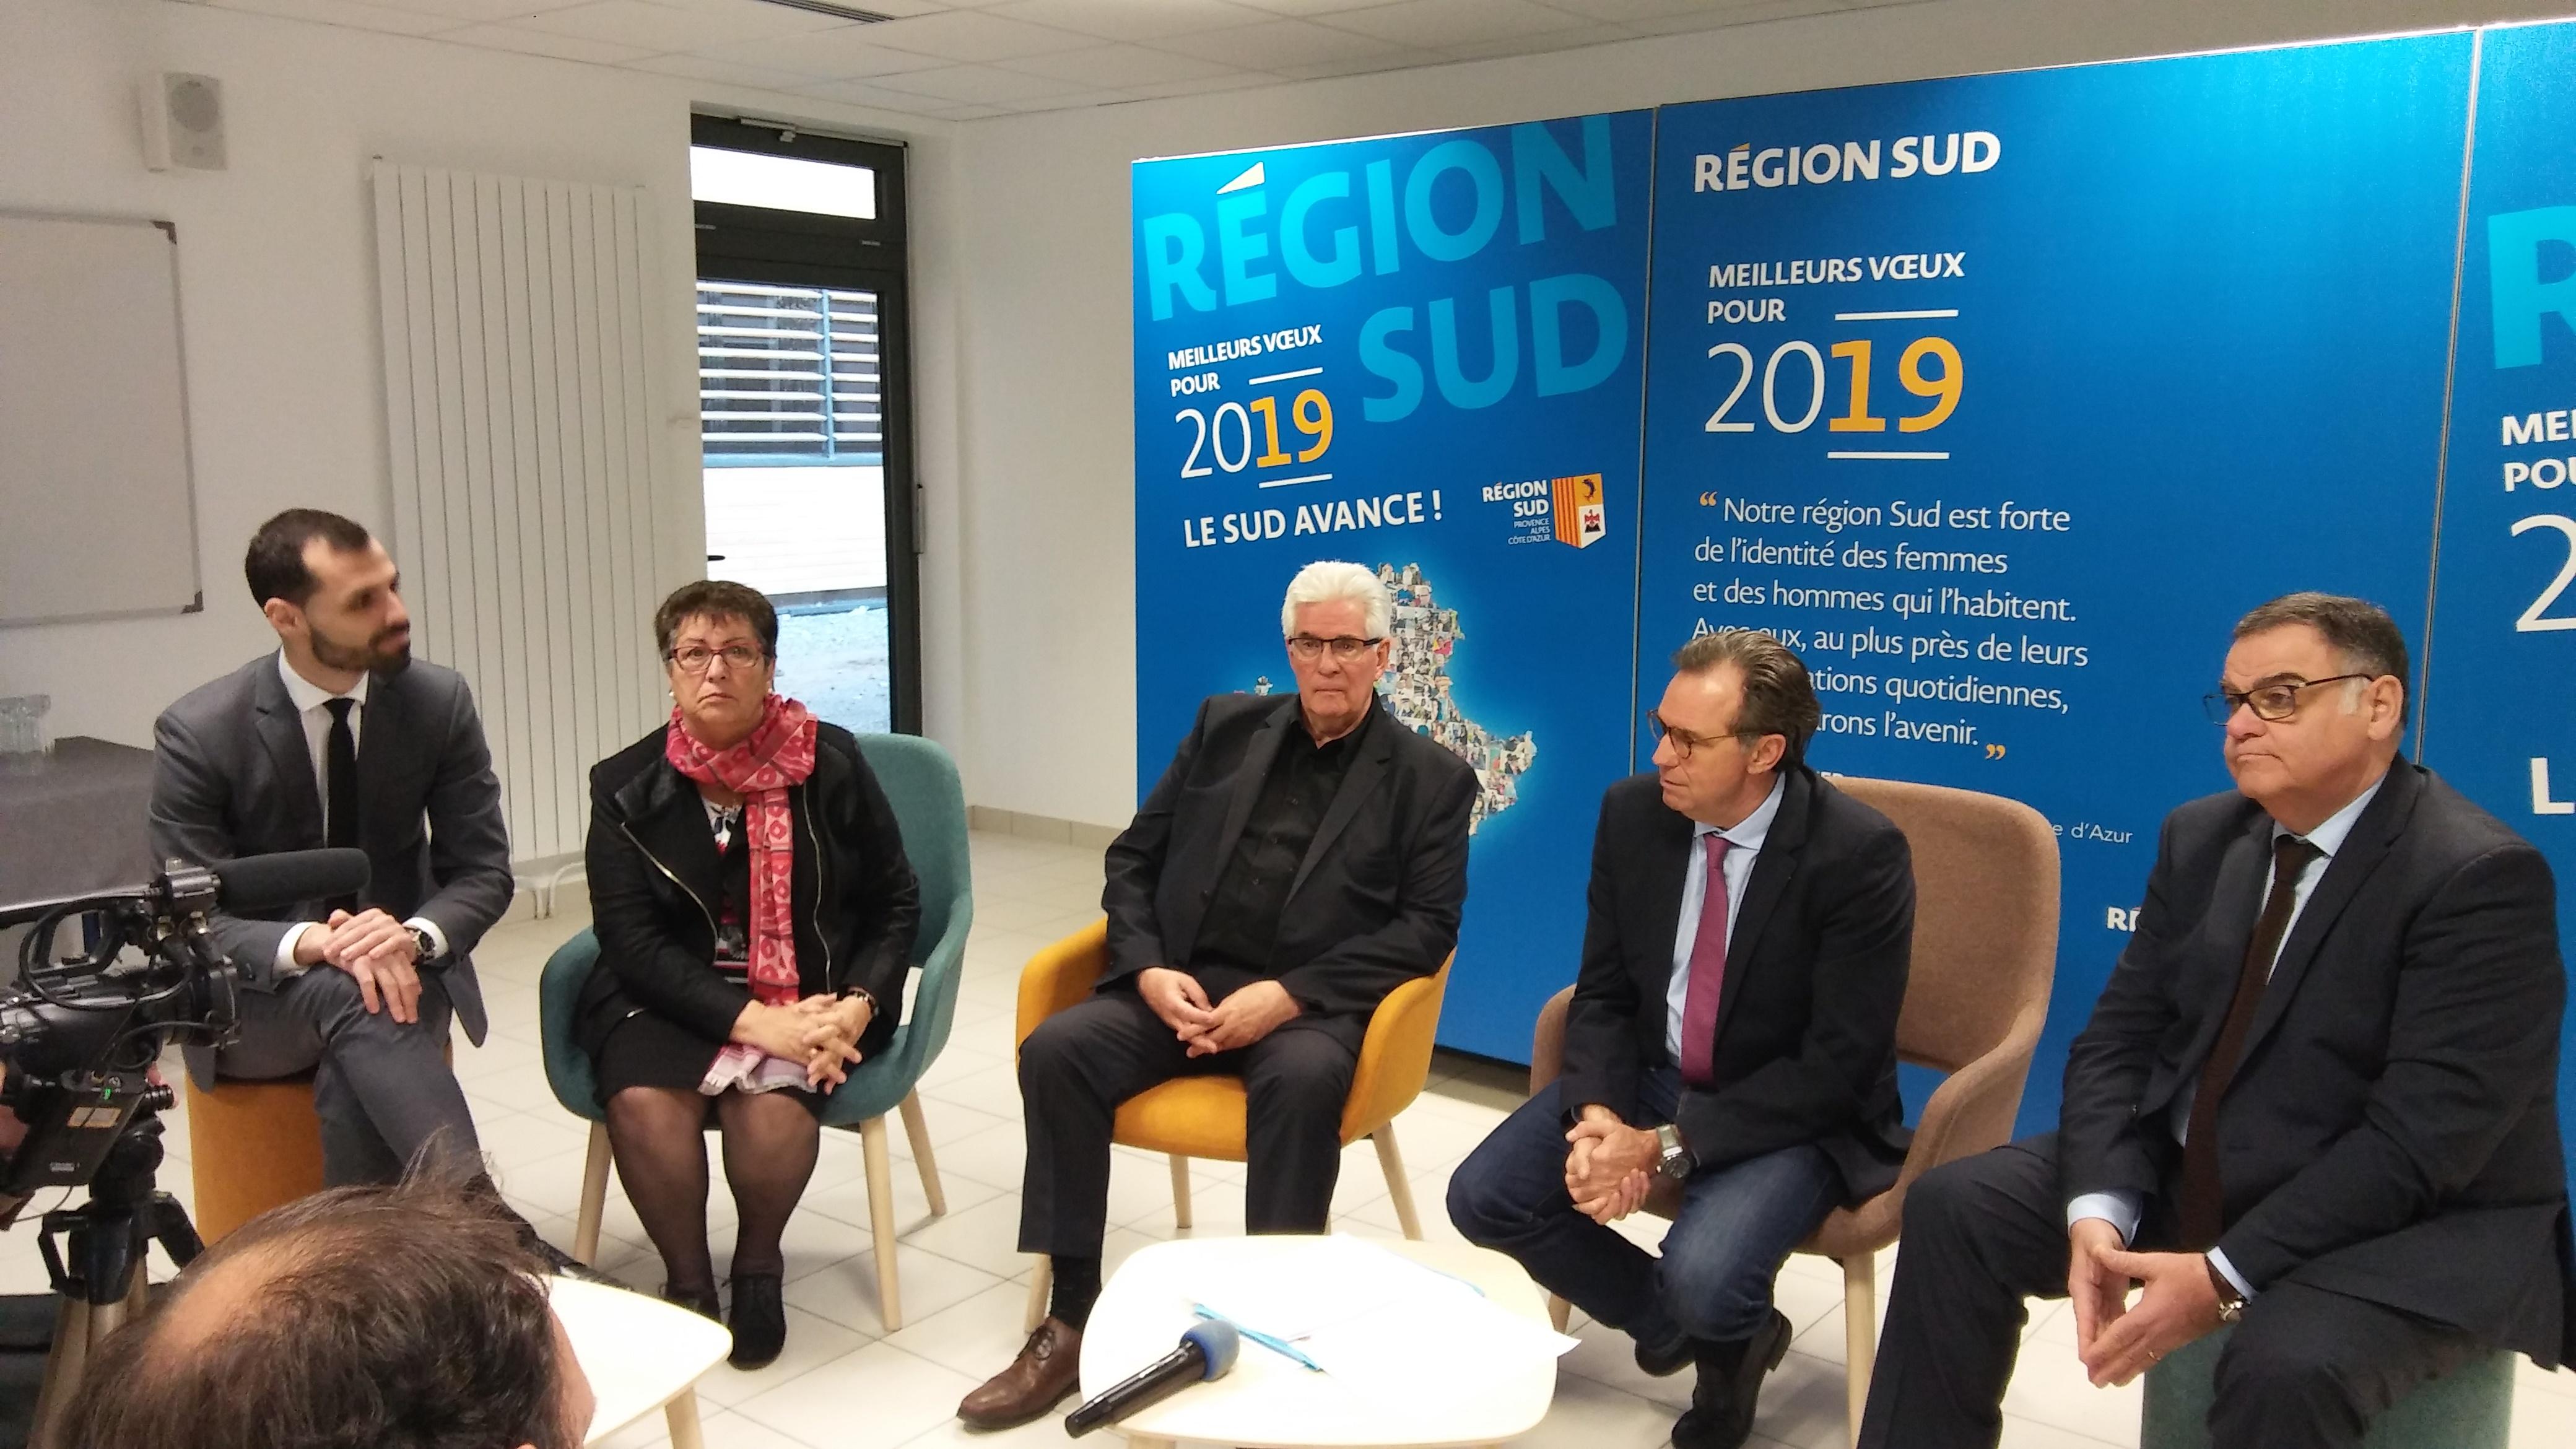 Renaud Muselier à Sisteron : La Région Sud en étendard !